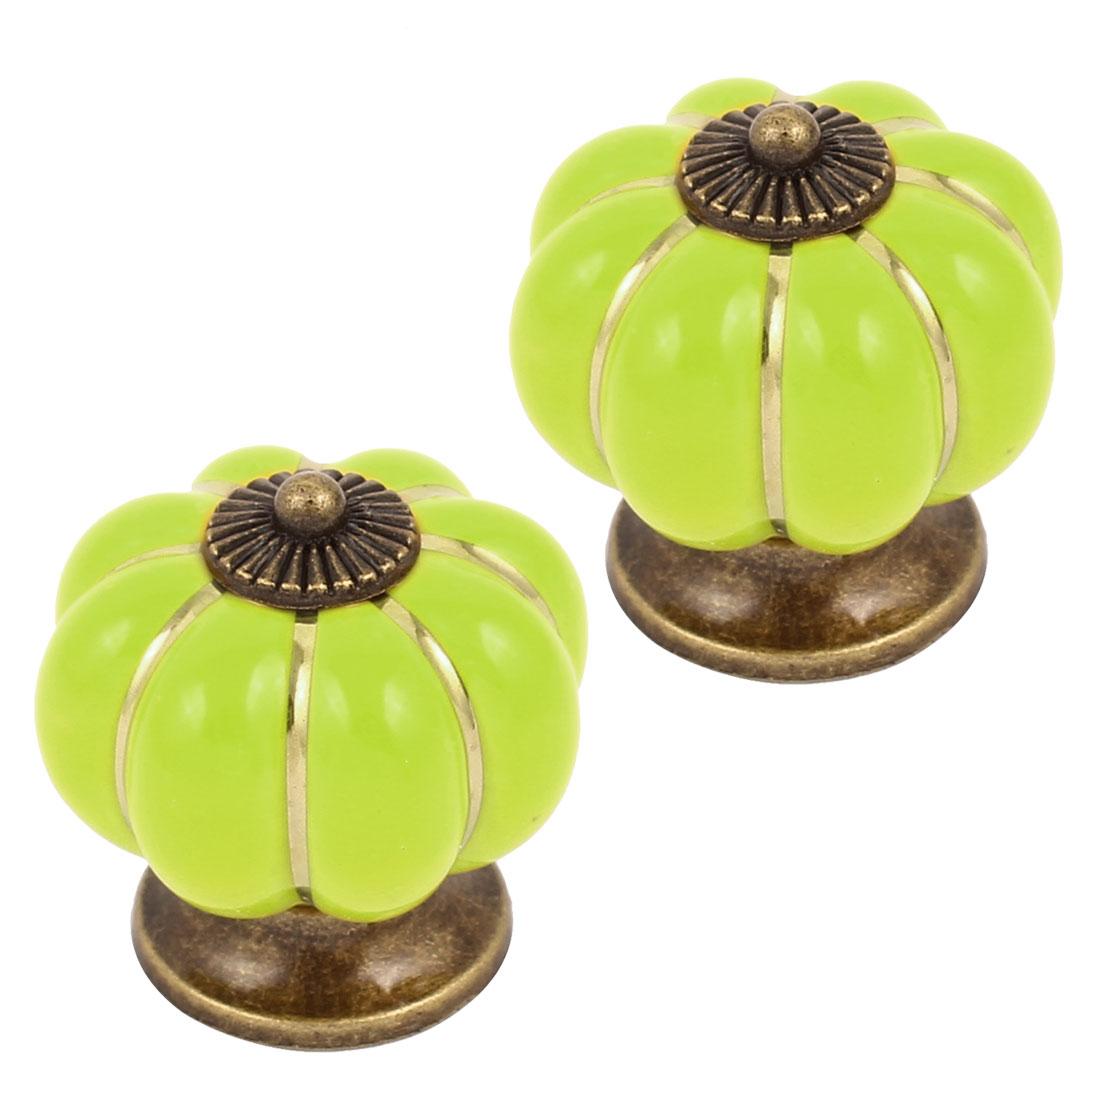 Cabinet Wardrobe Drawer Door Pull Pumpkin Ceramic Knobs Handle Light Green 2pcs